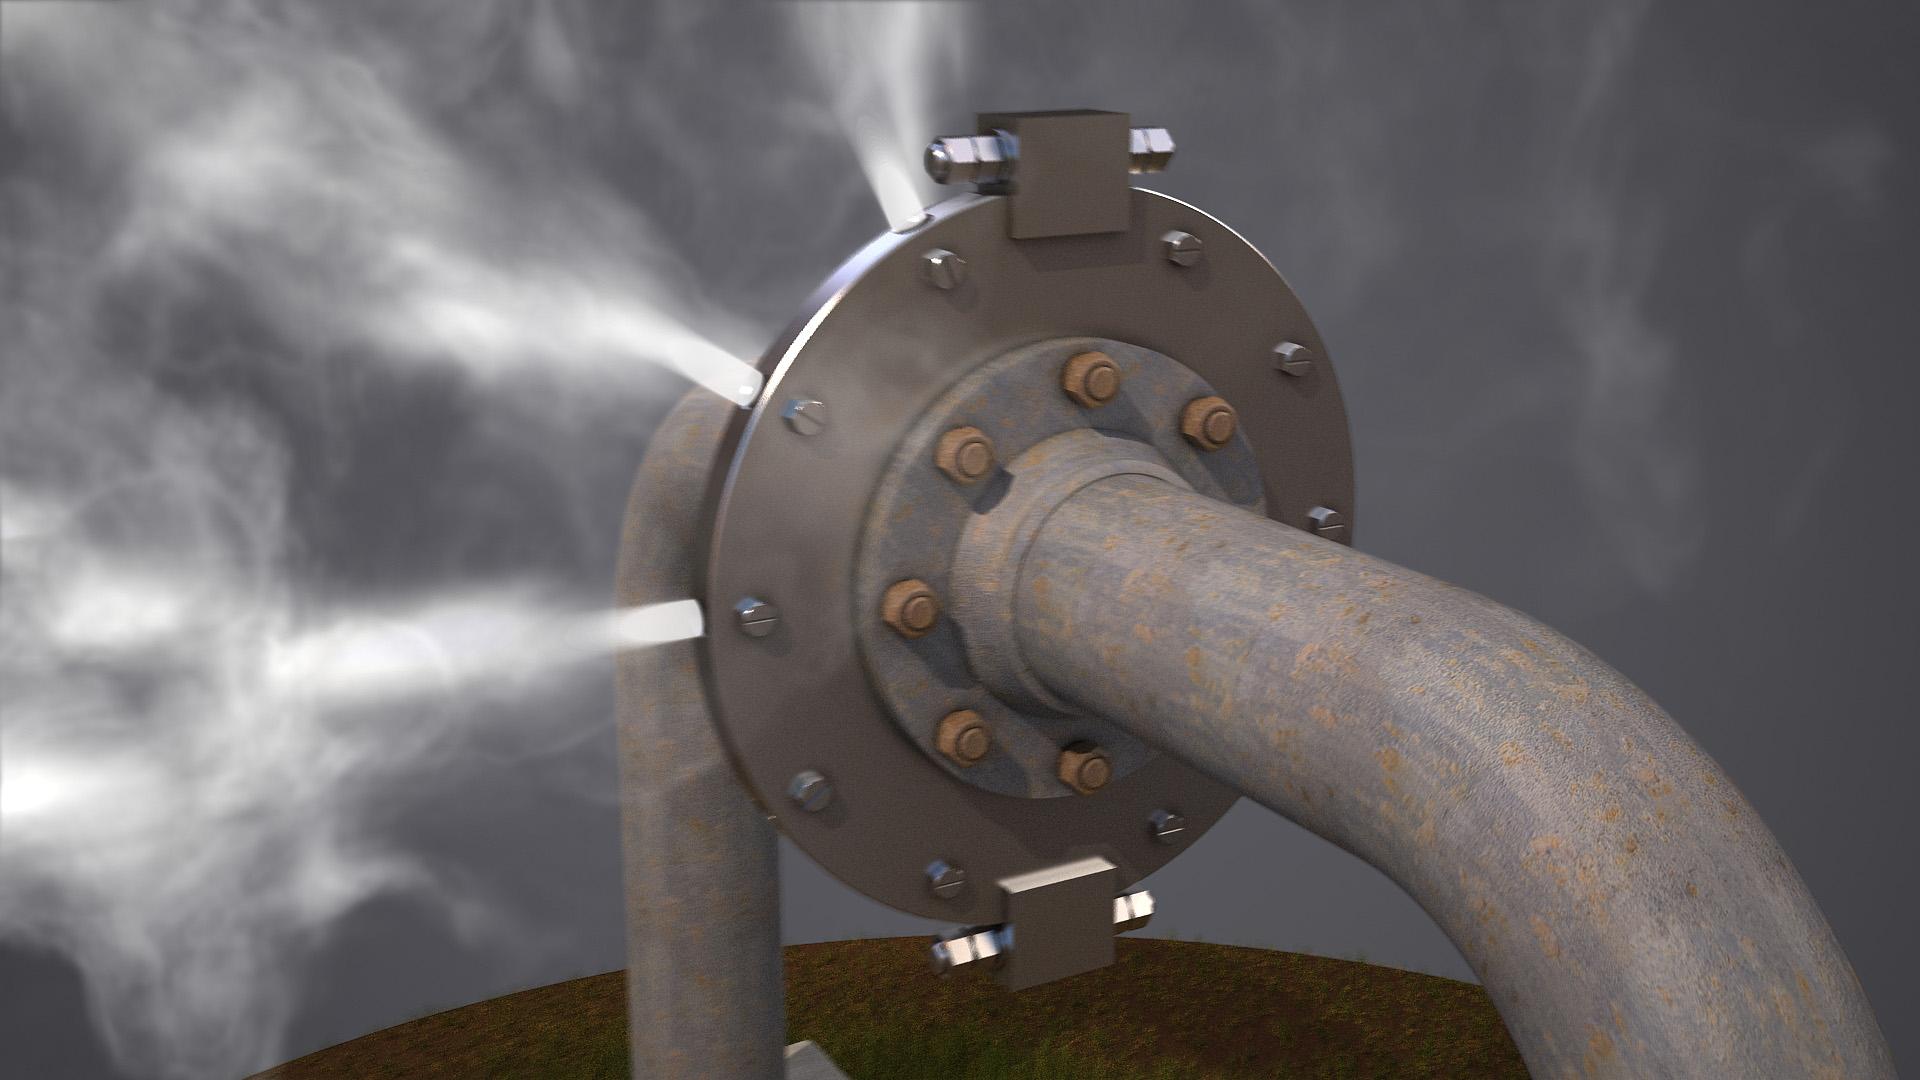 Техническая 3d-анимация. Визуализация пара высокого давления.